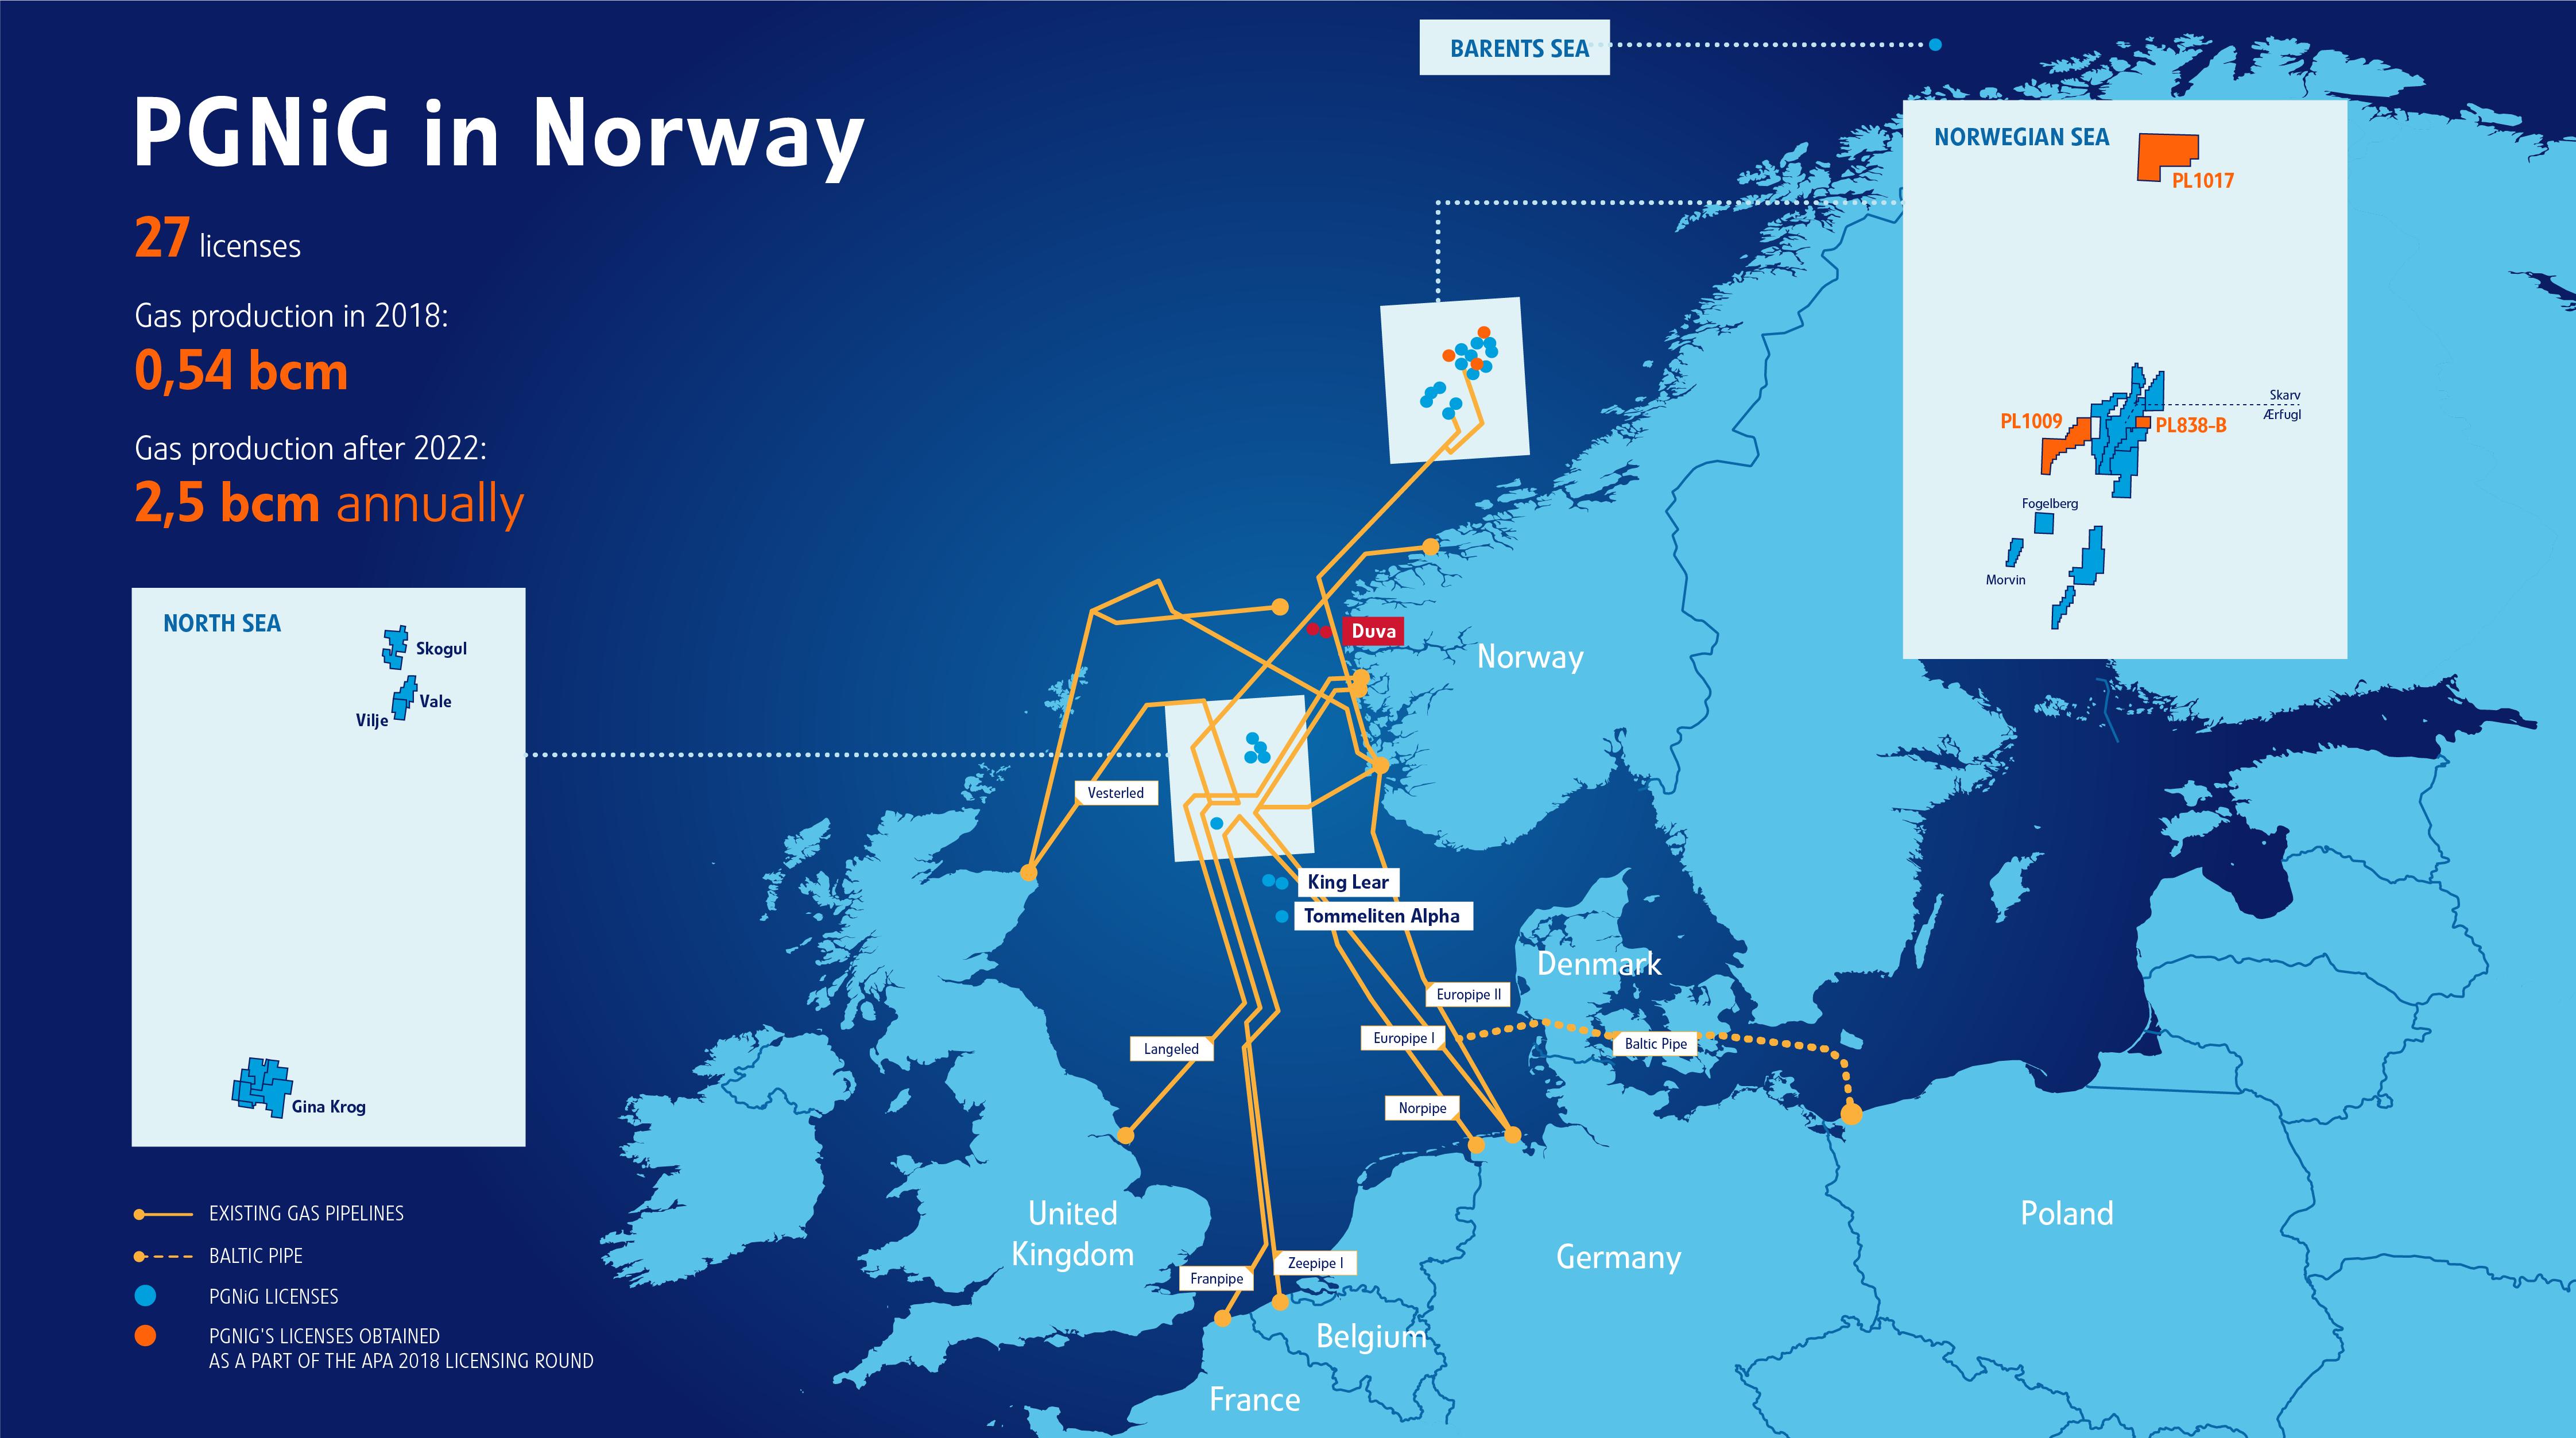 2500_027 Koncesje Norwegia - update 07-2019EN.png -